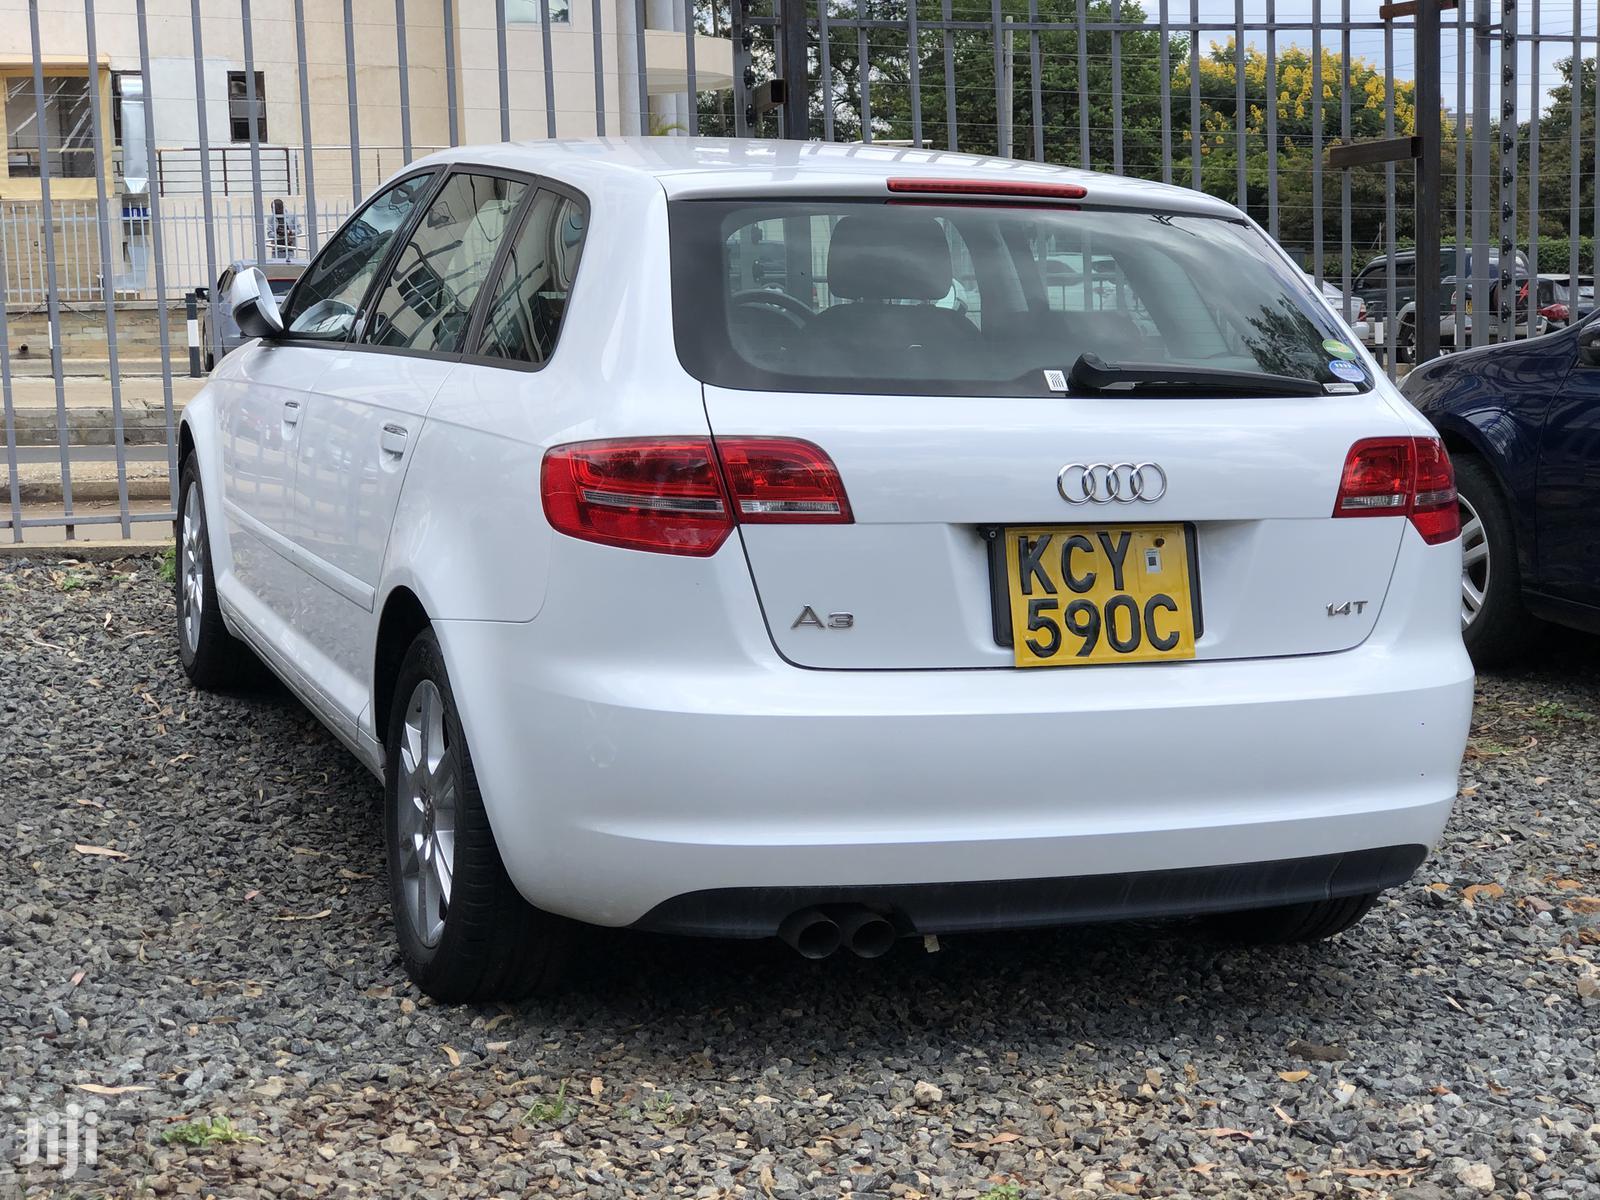 Audi A3 2012 1.4 TFSi White | Cars for sale in Kilimani, Nairobi, Kenya